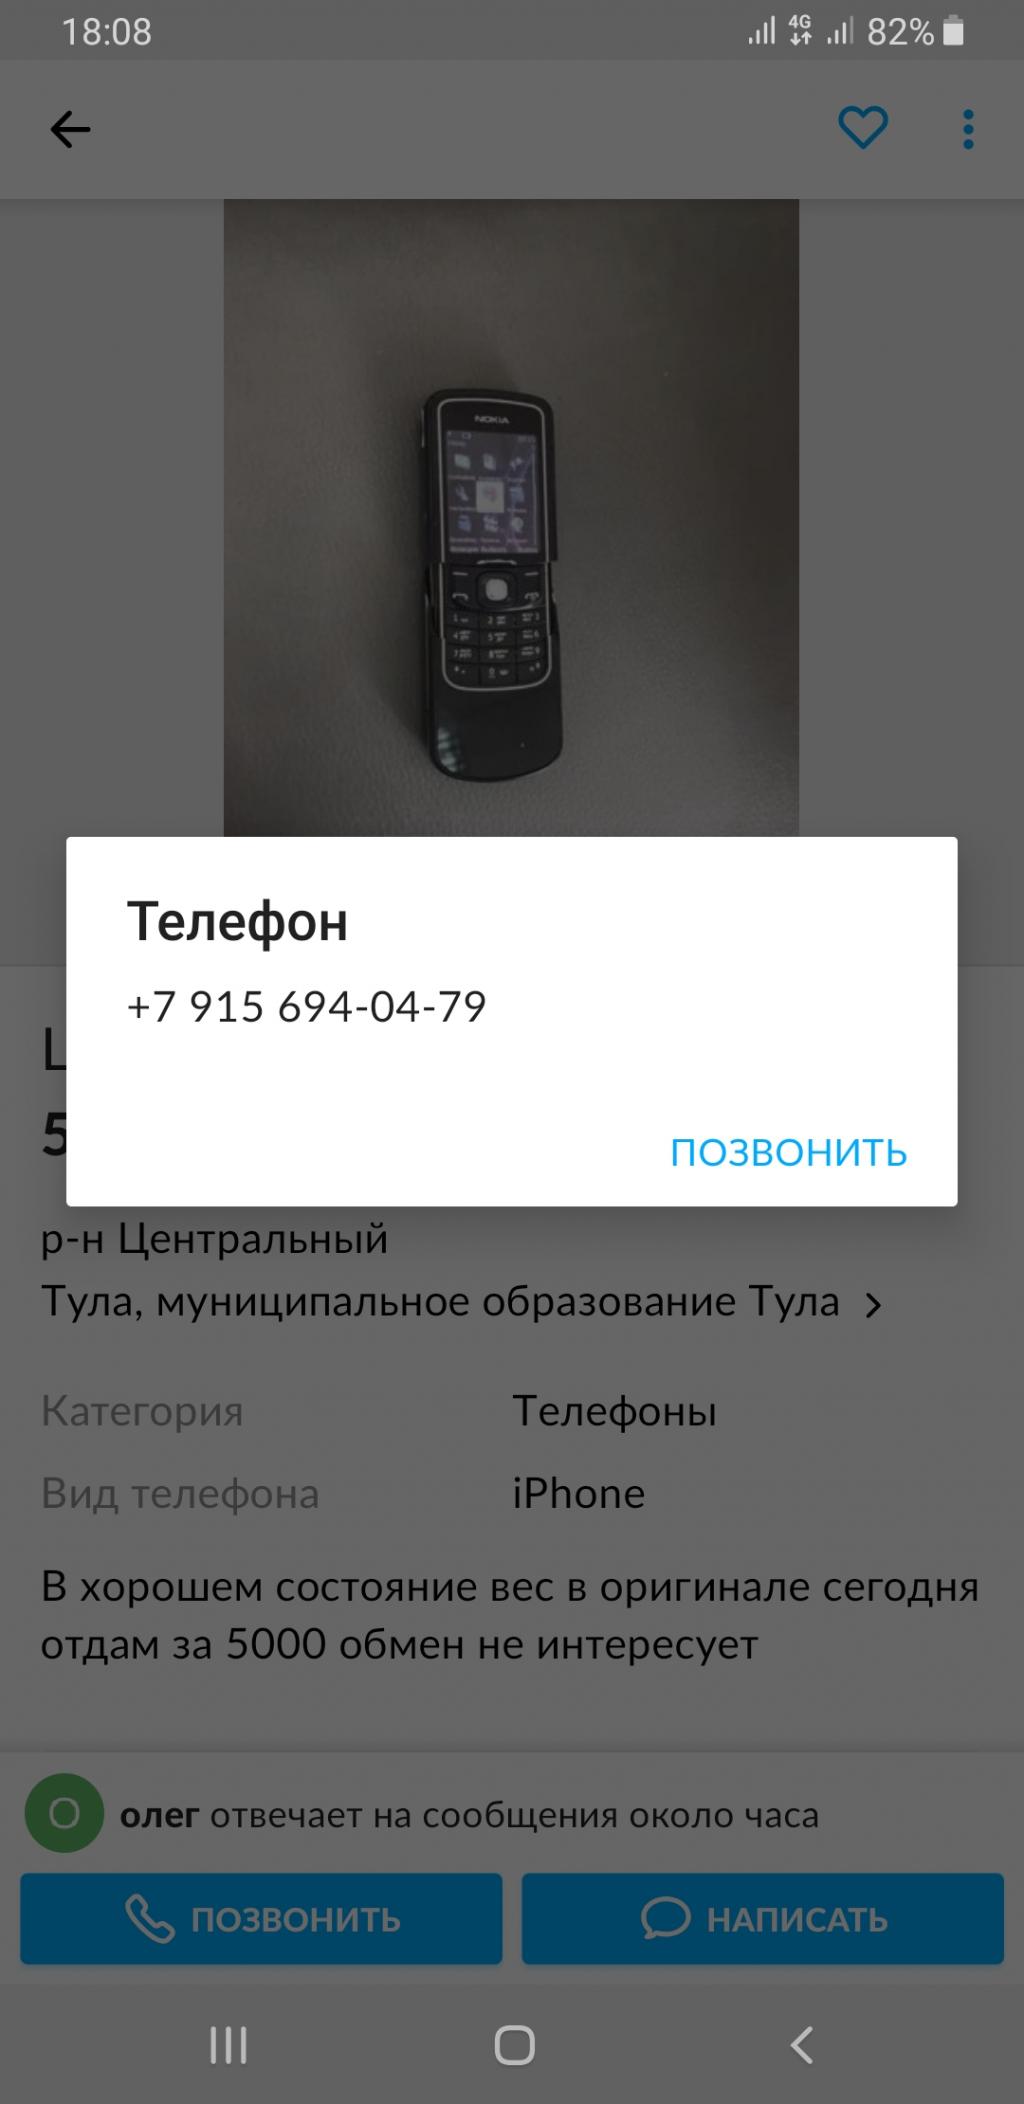 Мошенник - Мошенник +7 915 694-04-79